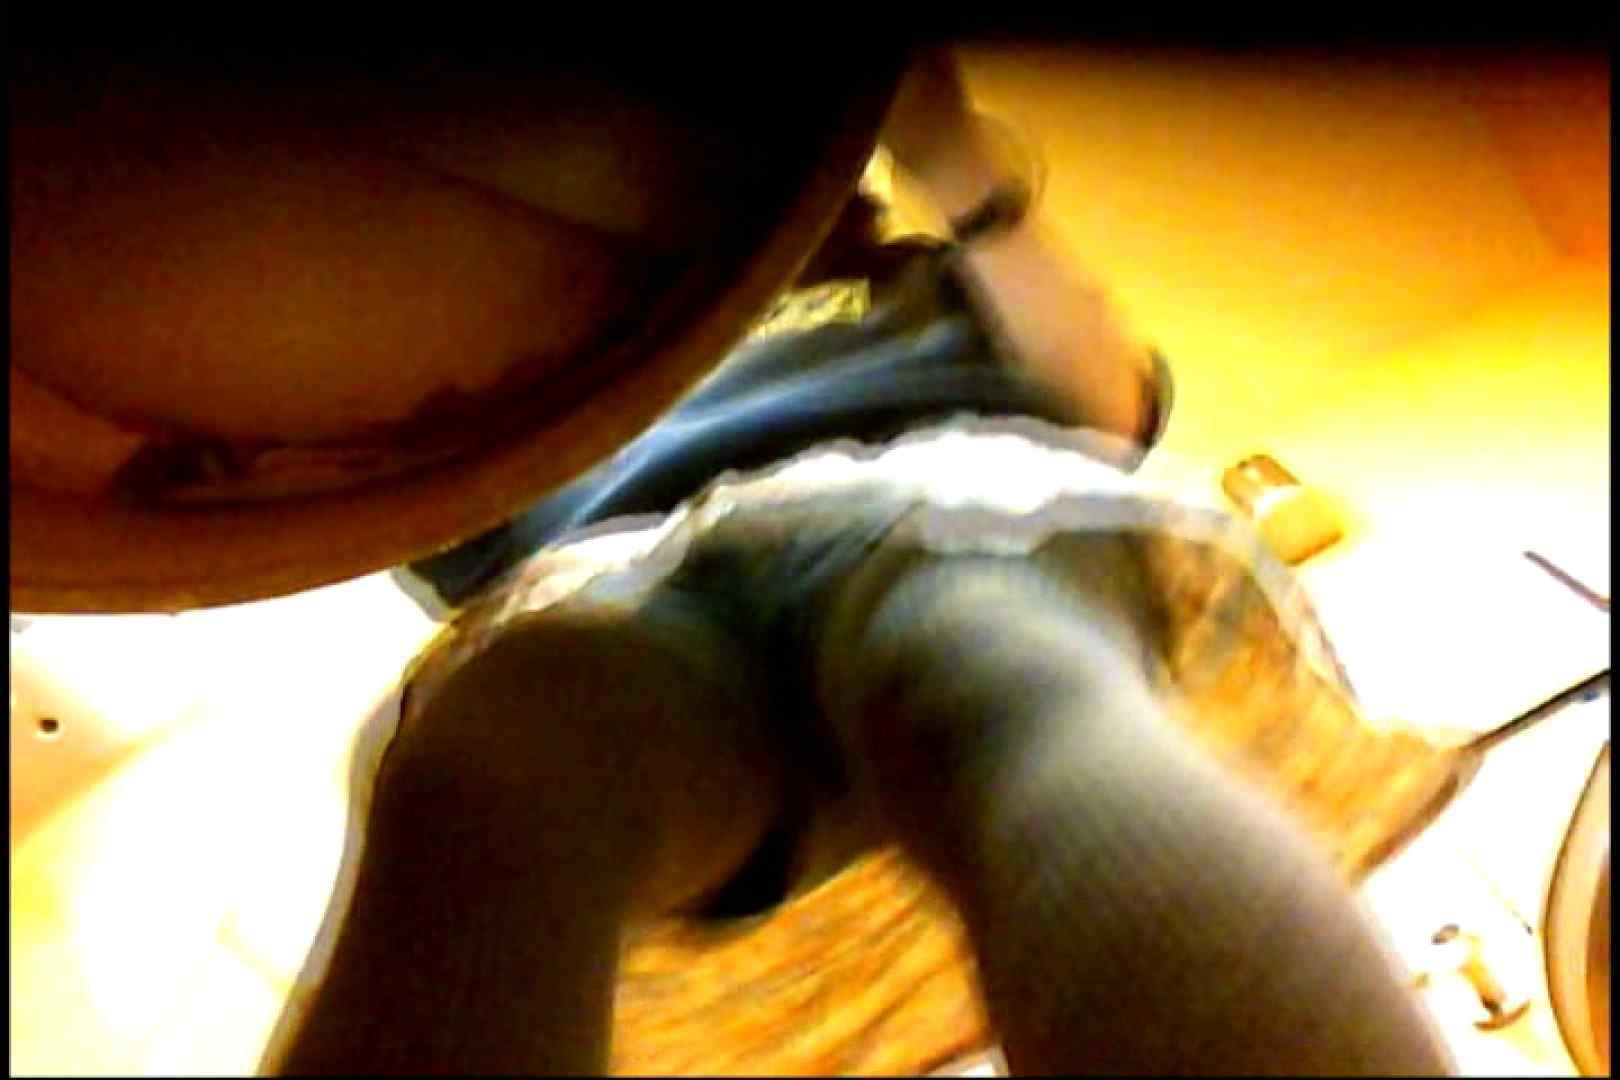 マダムが集まるデパートお手洗い Vol.11 エッチなお姉さん おまんこ無修正動画無料 35画像 8